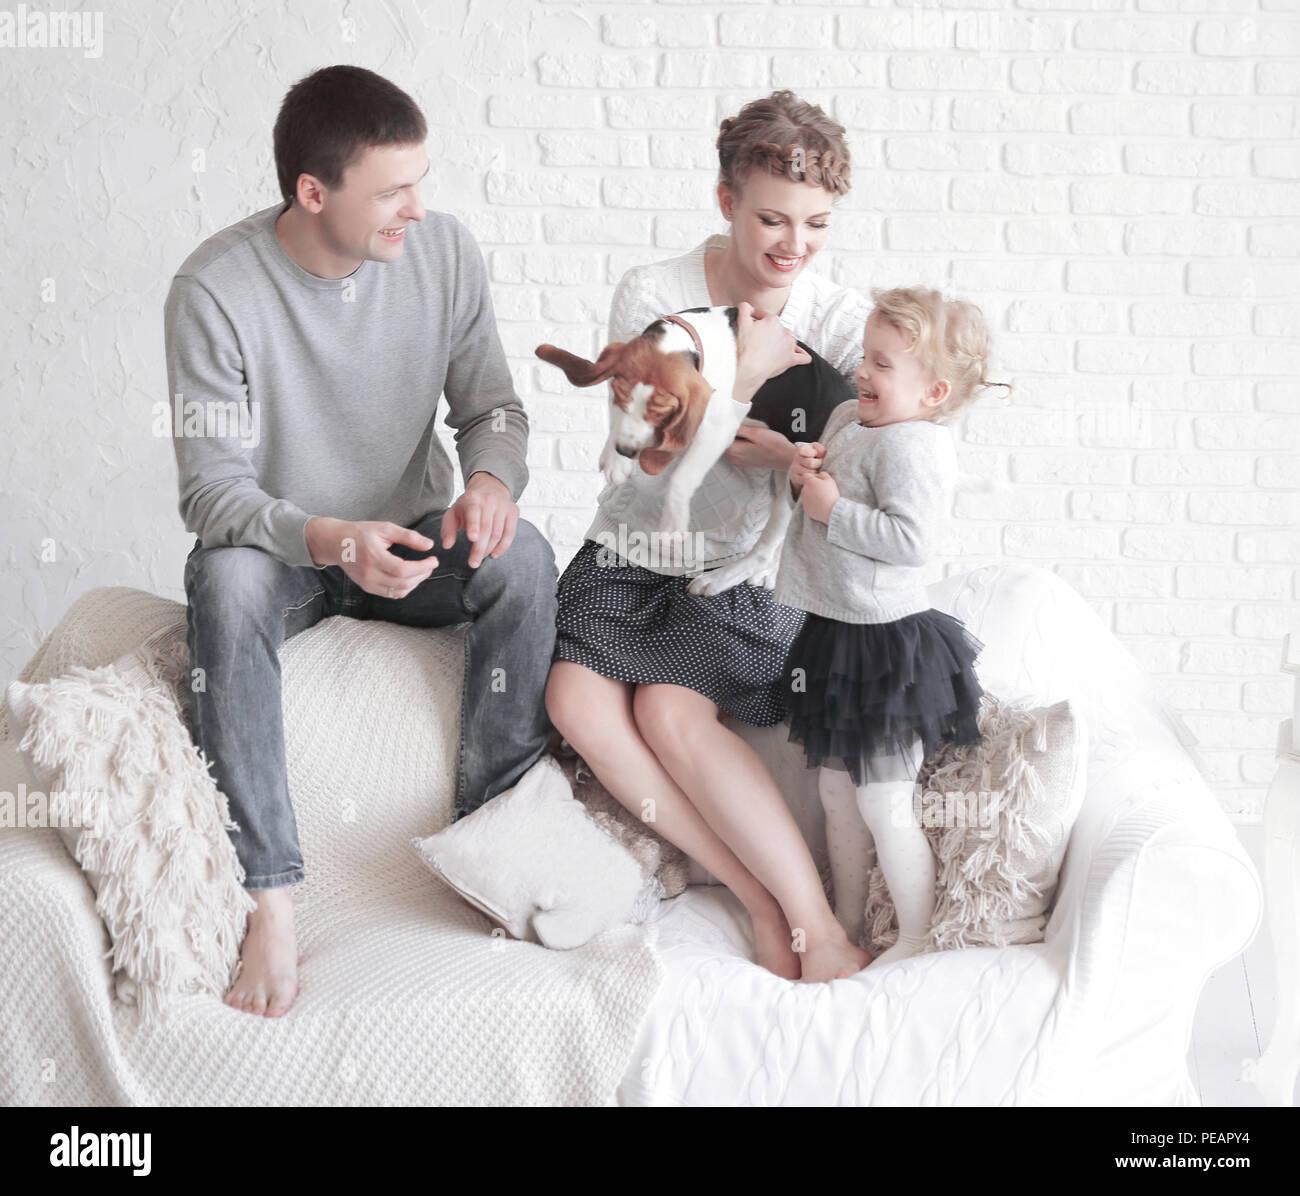 Retrato de padres felices con su hija y amada mascota con una sala de estar Imagen De Stock